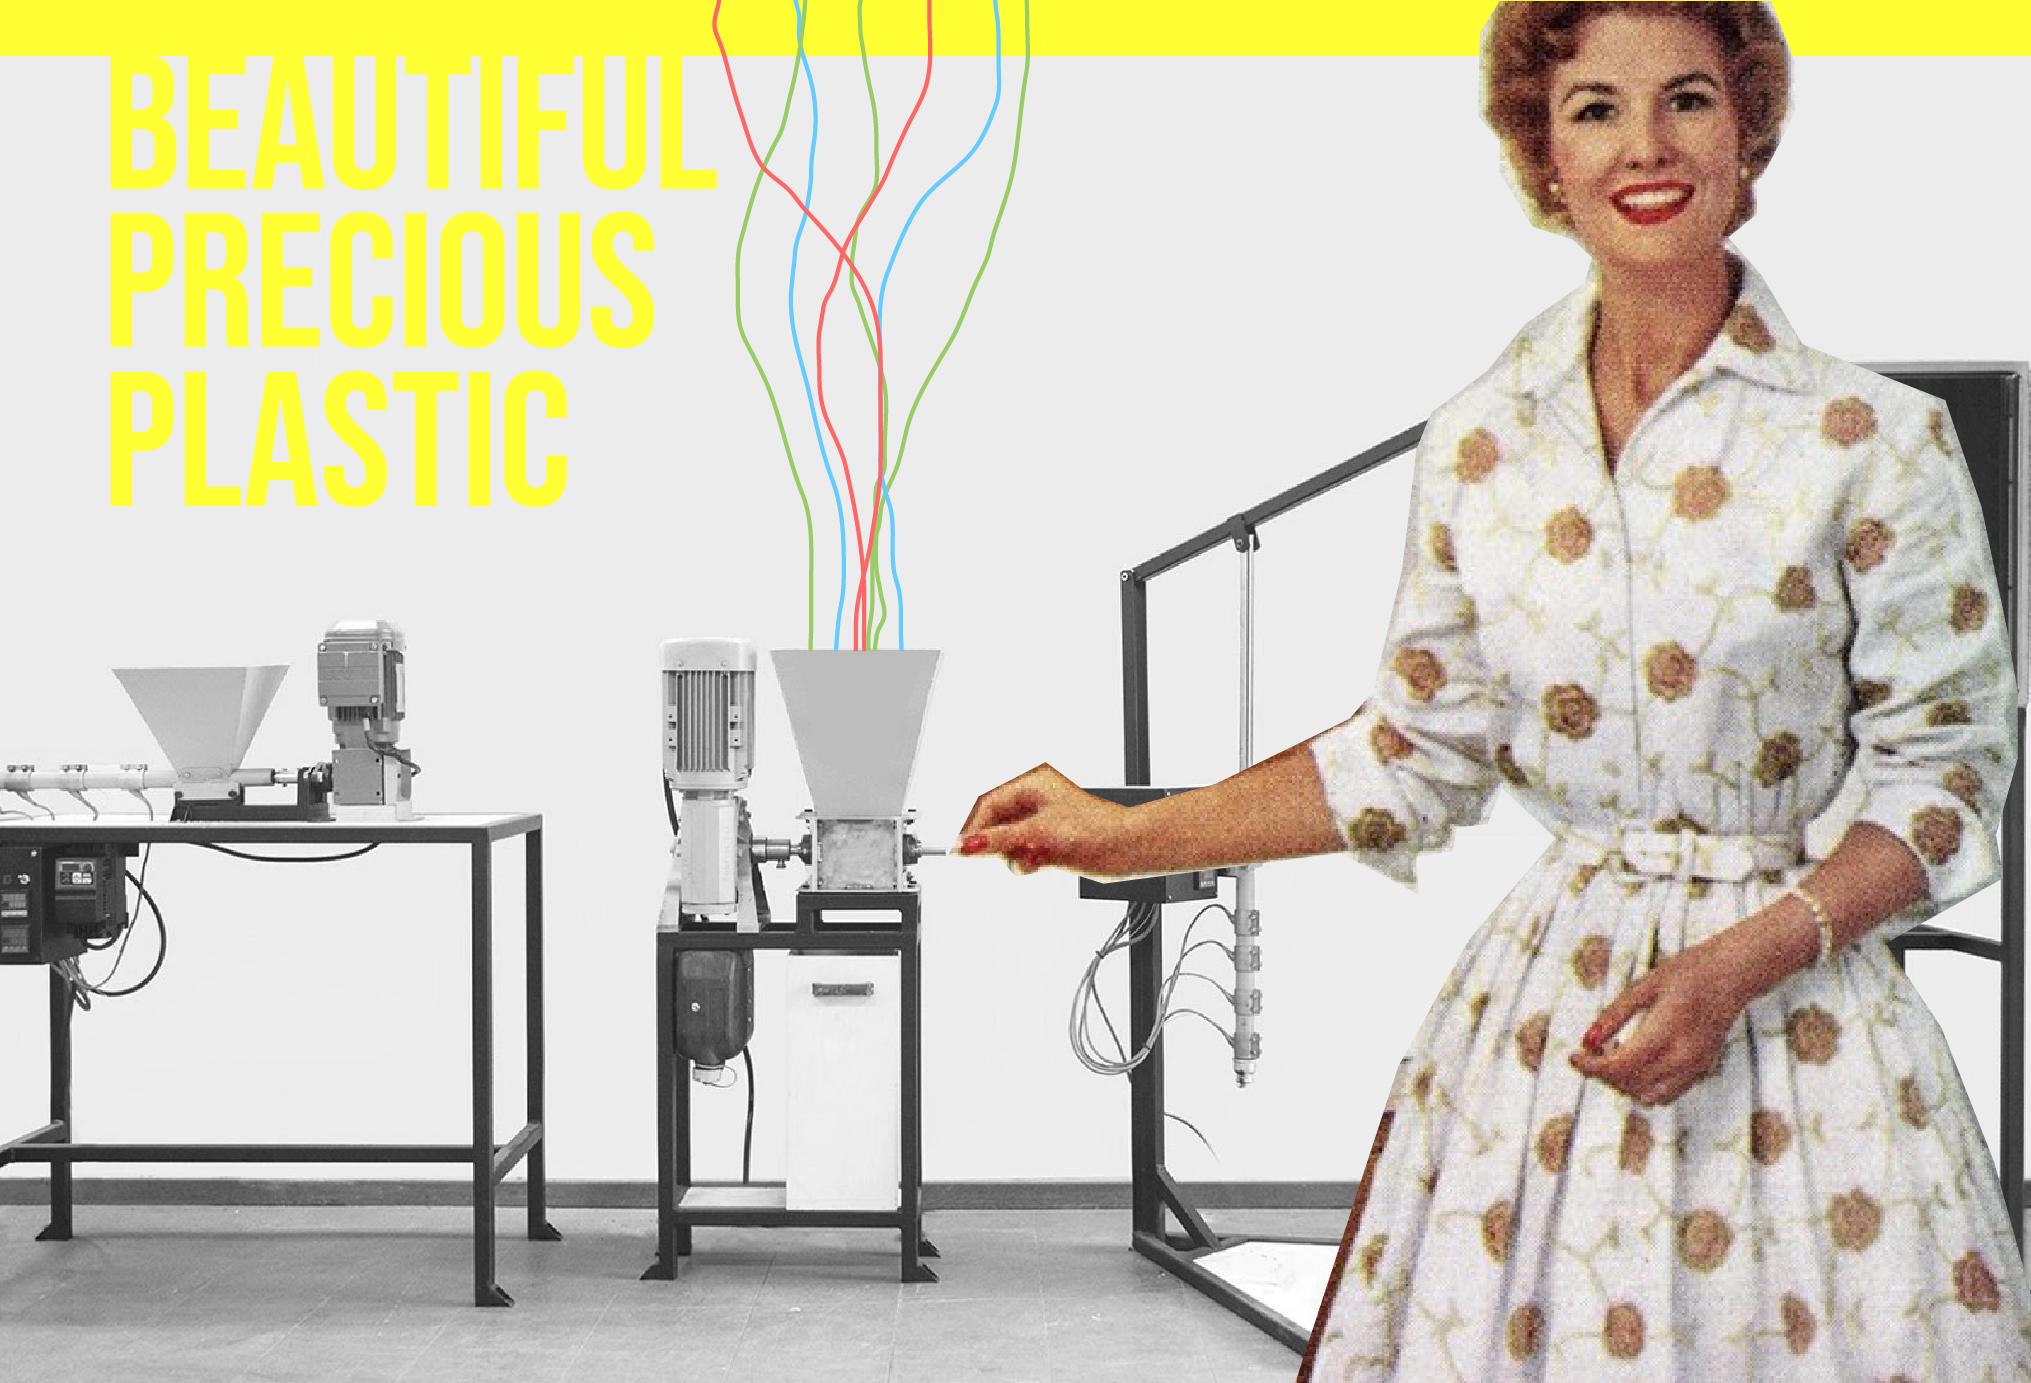 Beautiful Precious Plastic. Izmade ricicla la tua plastica creando fantastici oggetti di eco-design!